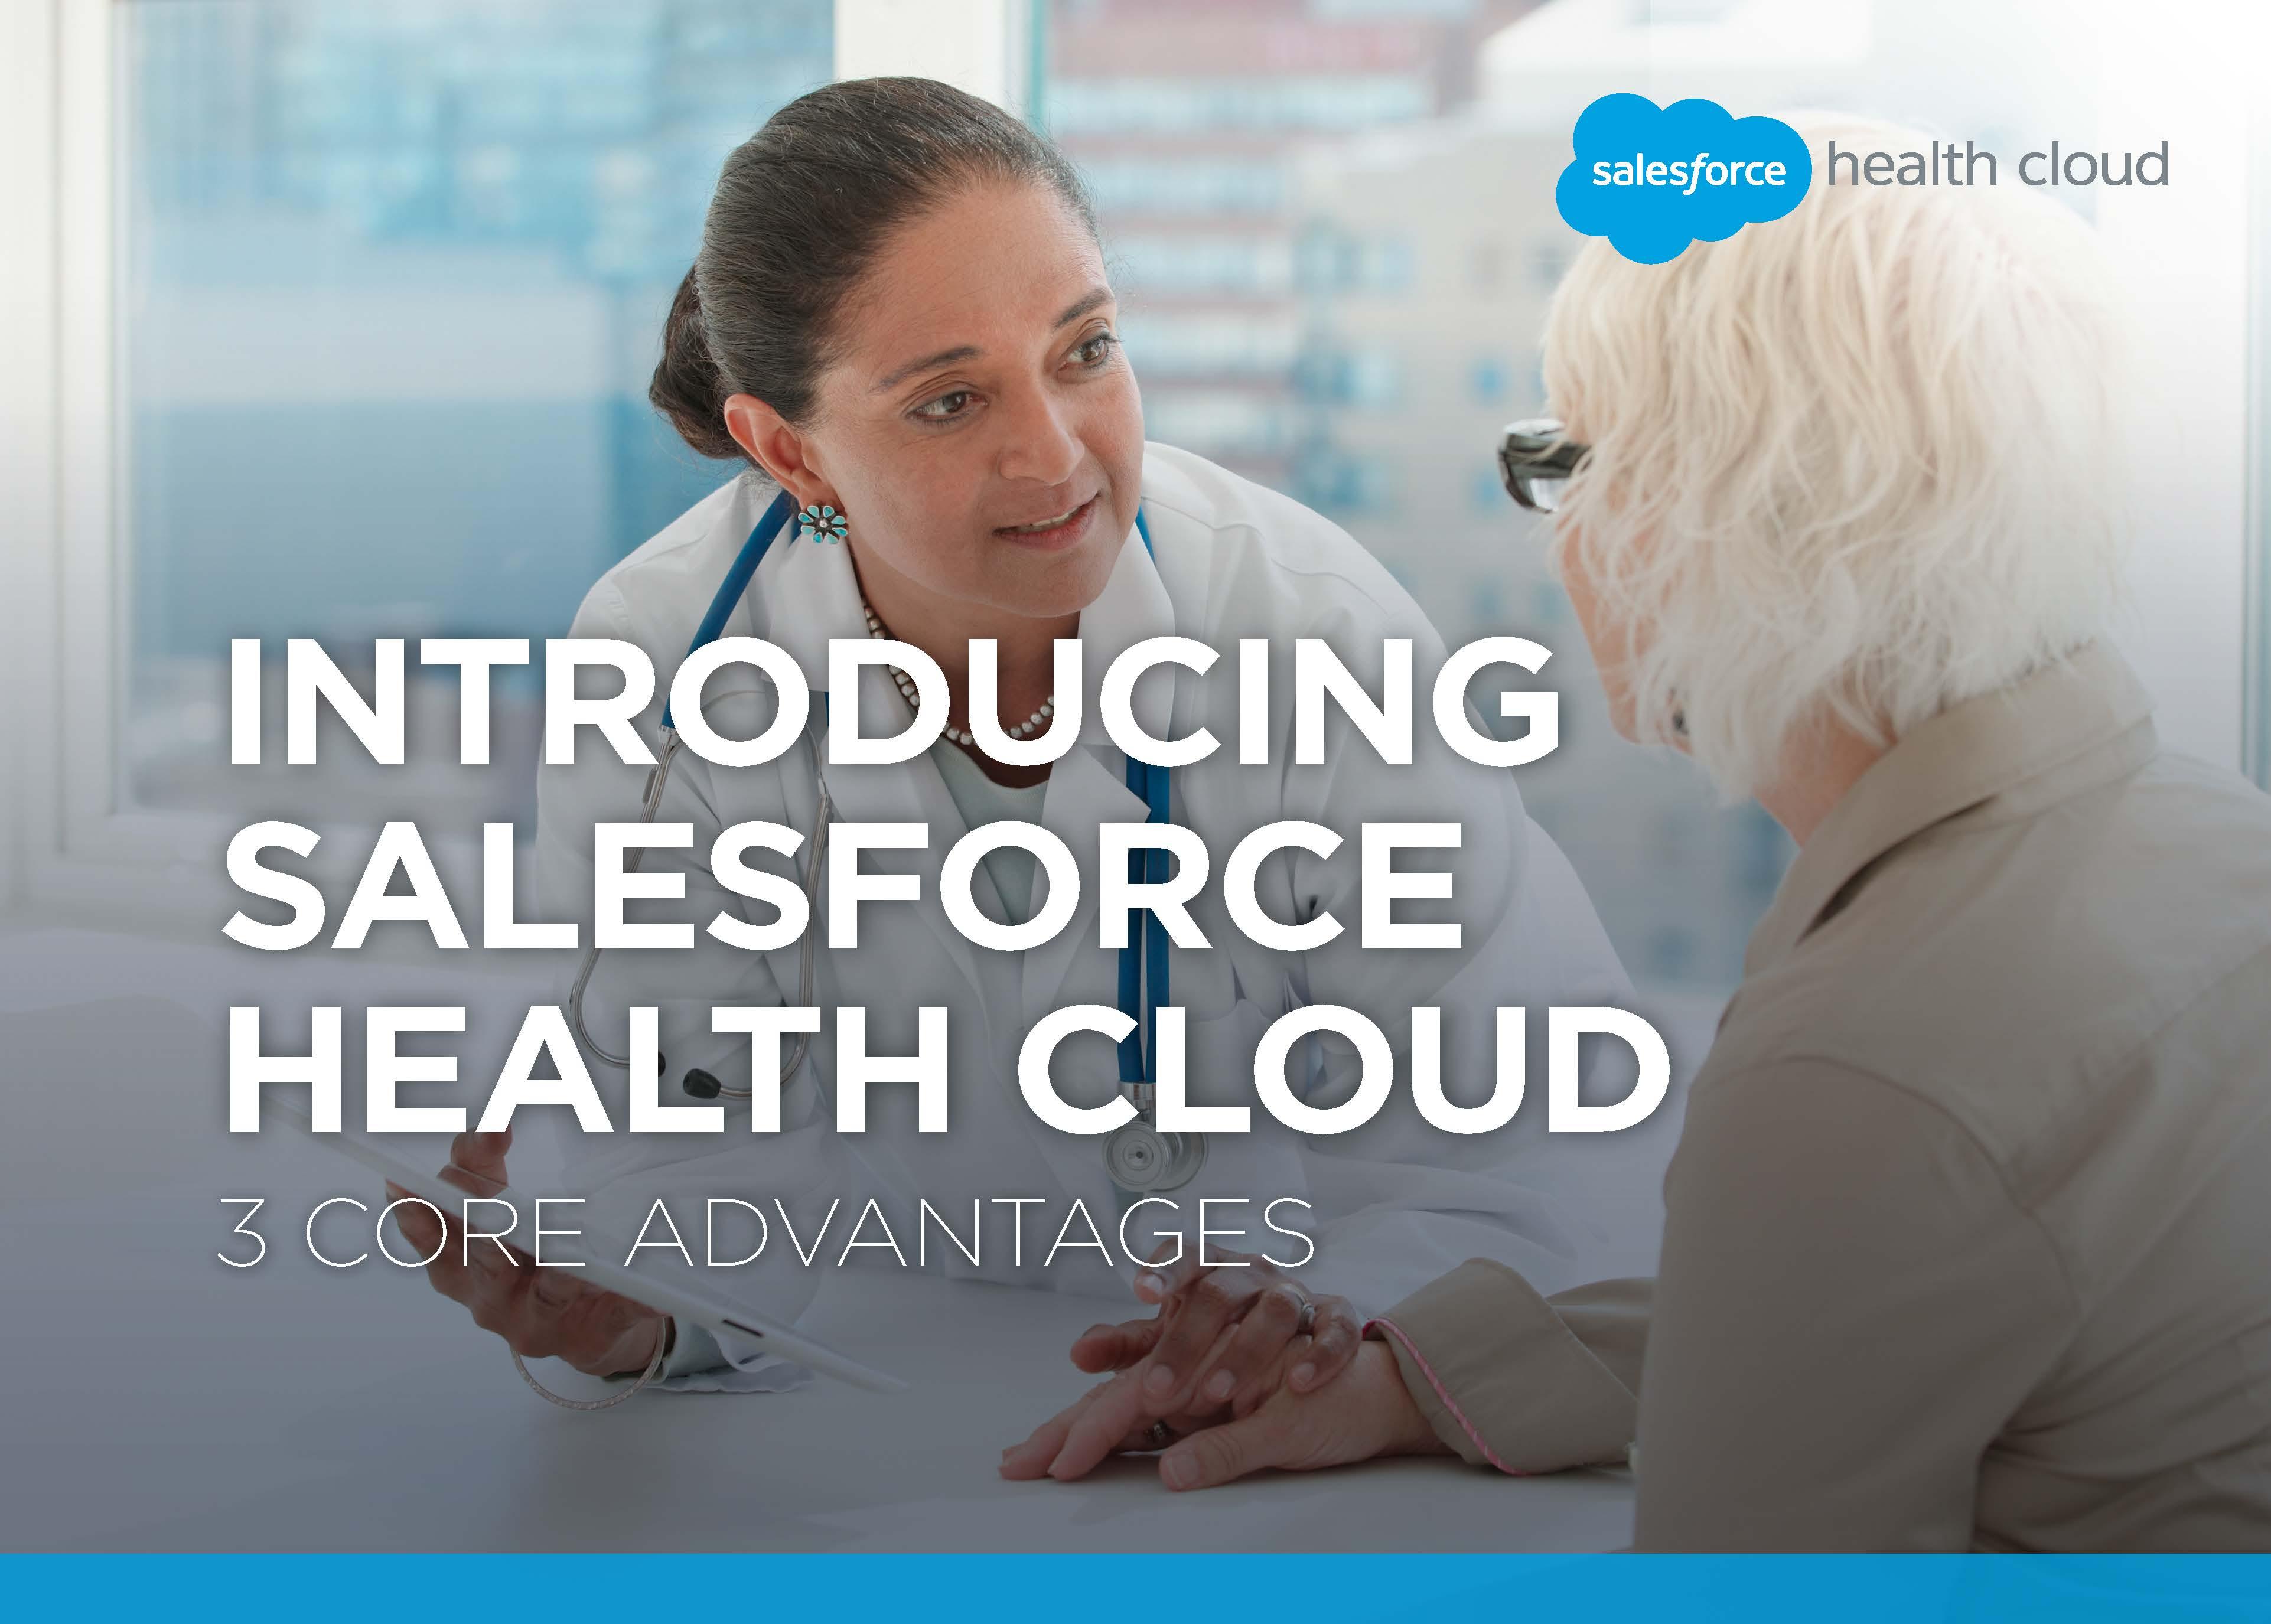 Introducing Salesforce Healthcloud 3 core advantages